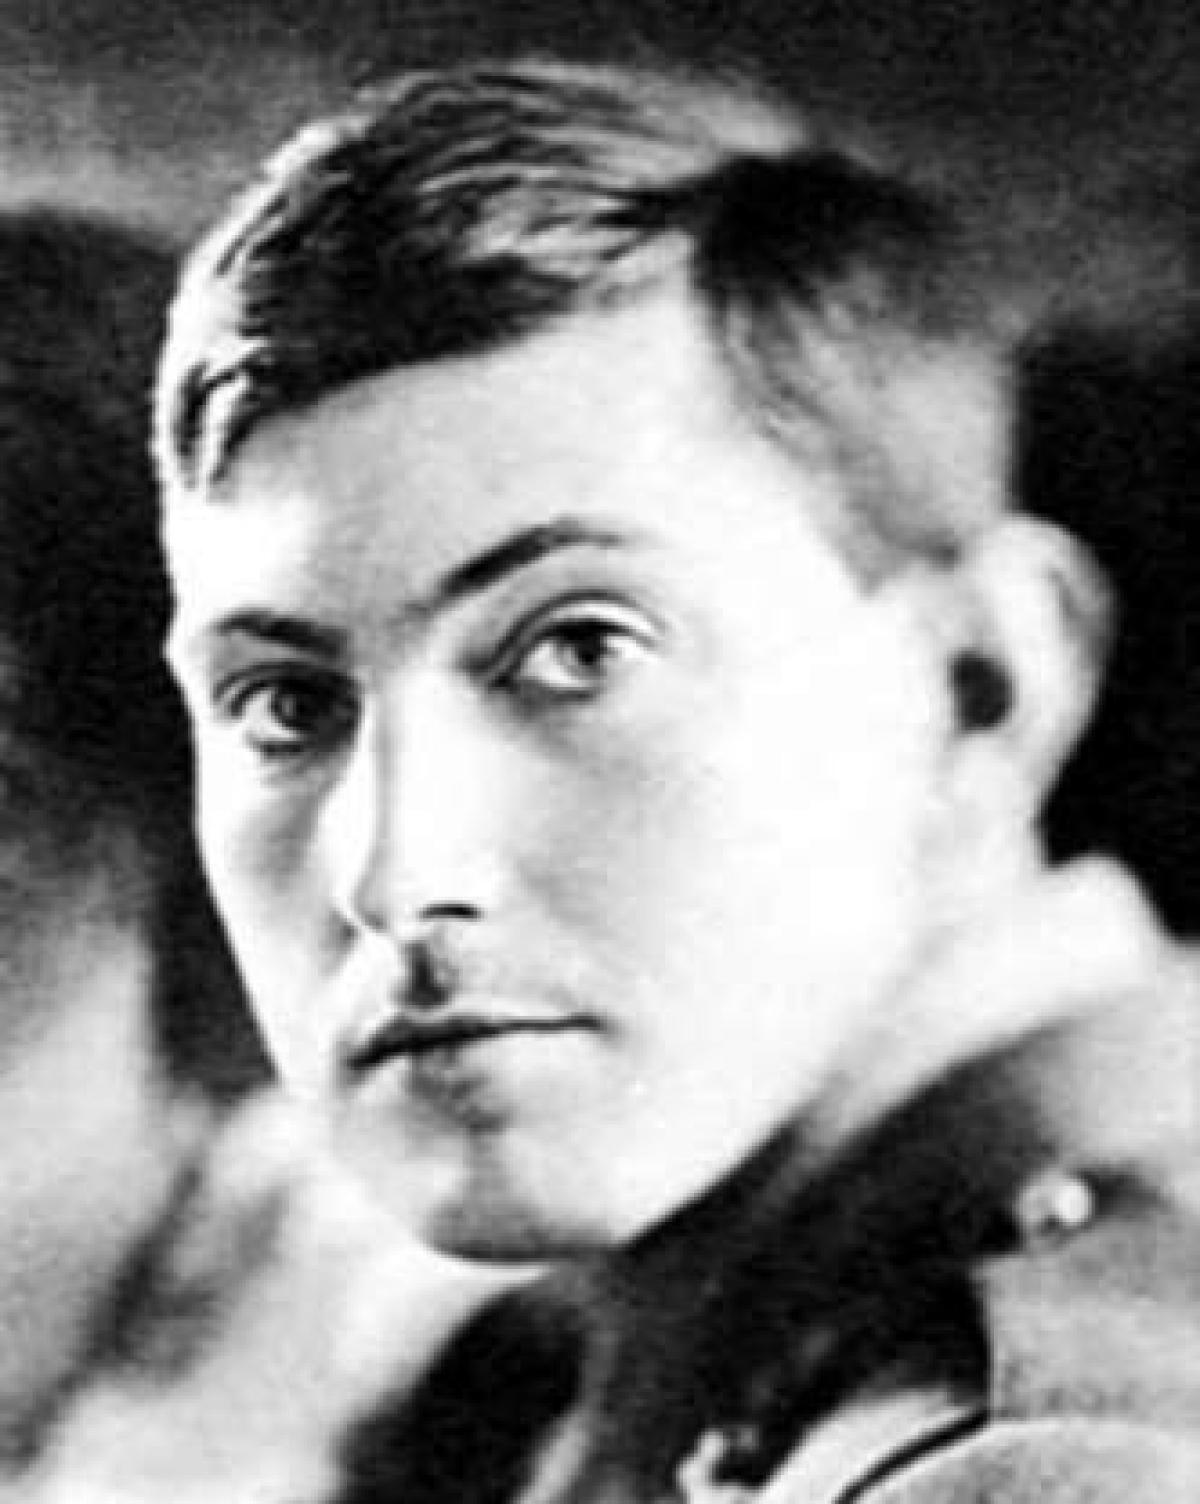 """Tháng 6/1924, George Mallory và Andrew Irvine đã cố gắng leo lên đỉnh Everest nhưng họ đã không bao giờ quay trở về. Thi thể của Mallory cuối cùng đã được tìm thấy năm 1999 ở North Face, nơi được cho là """"chỉ cần một cú trượt nhẹ cũng đồng nghĩa với cái chết""""."""